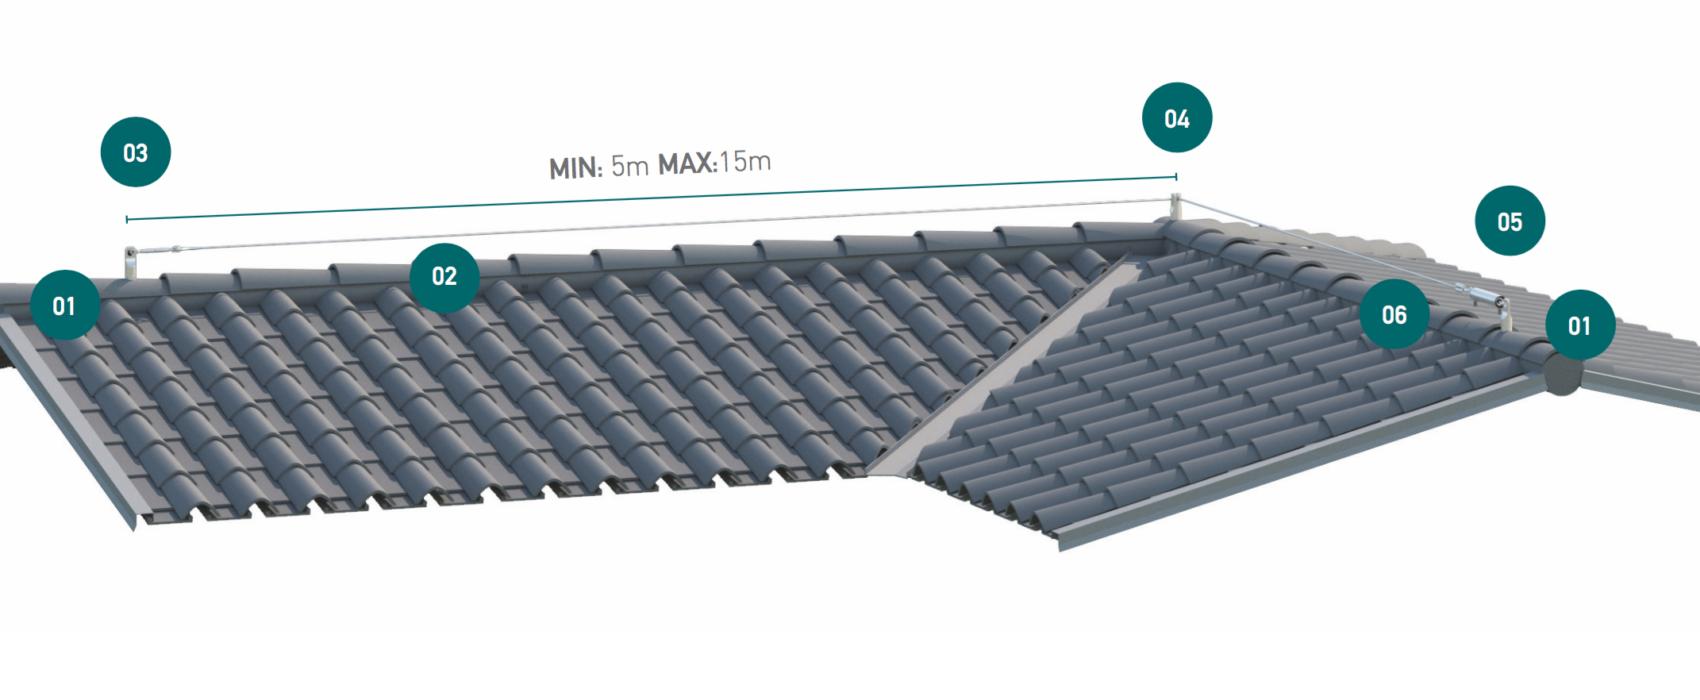 Linee vita: elemento cardine nella sicurezza per il tetto - Rego